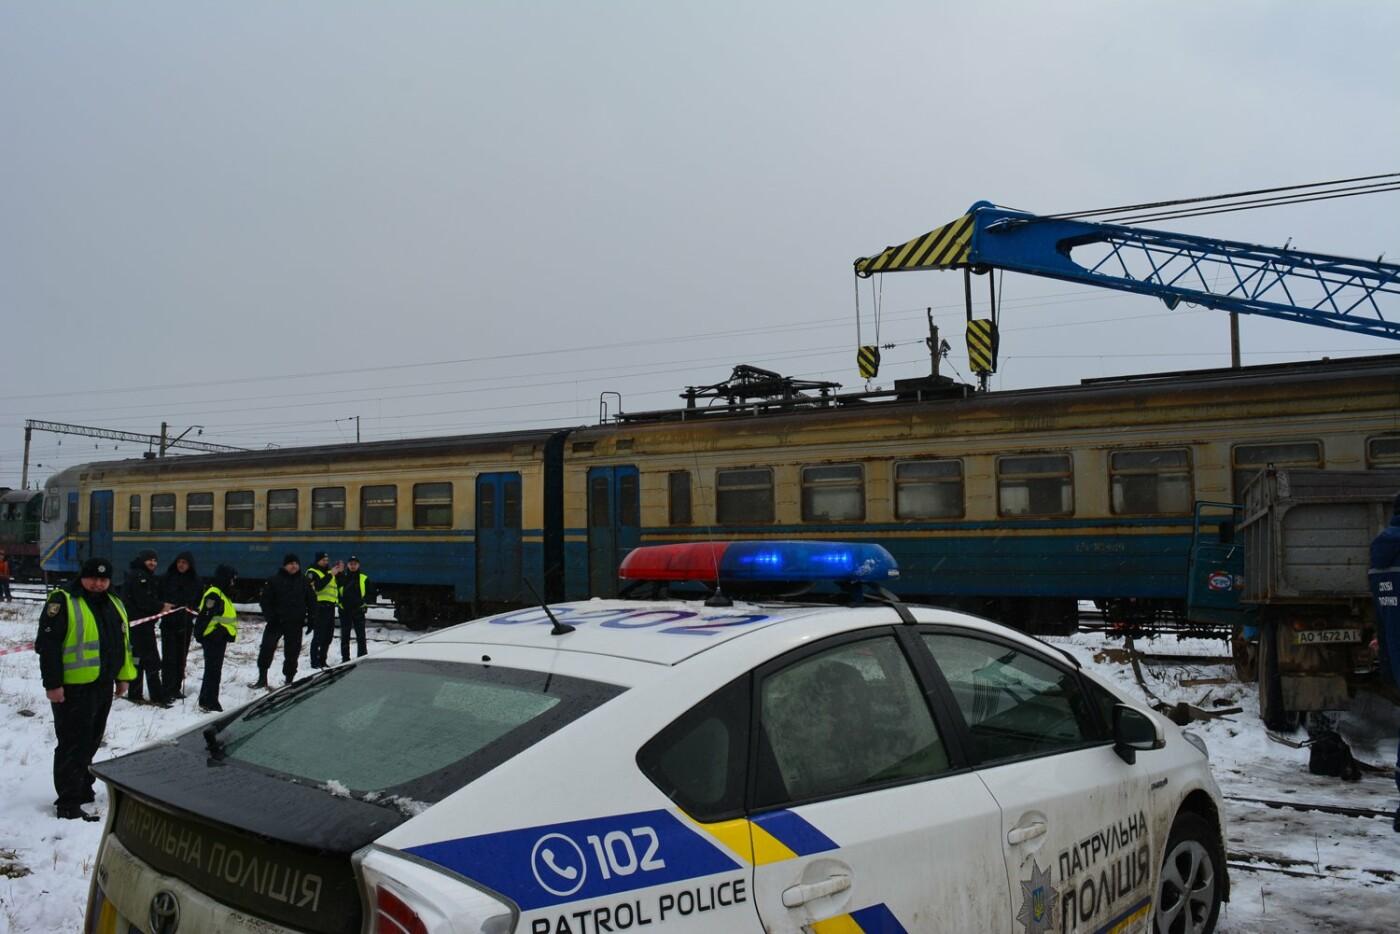 Потяг зійшов з рейок - 2 людини загинуло, 70 травмовано: на Закарпатті розпочалися командно-штабні навчання (ФОТОРЕПОРТАЖ), фото-1